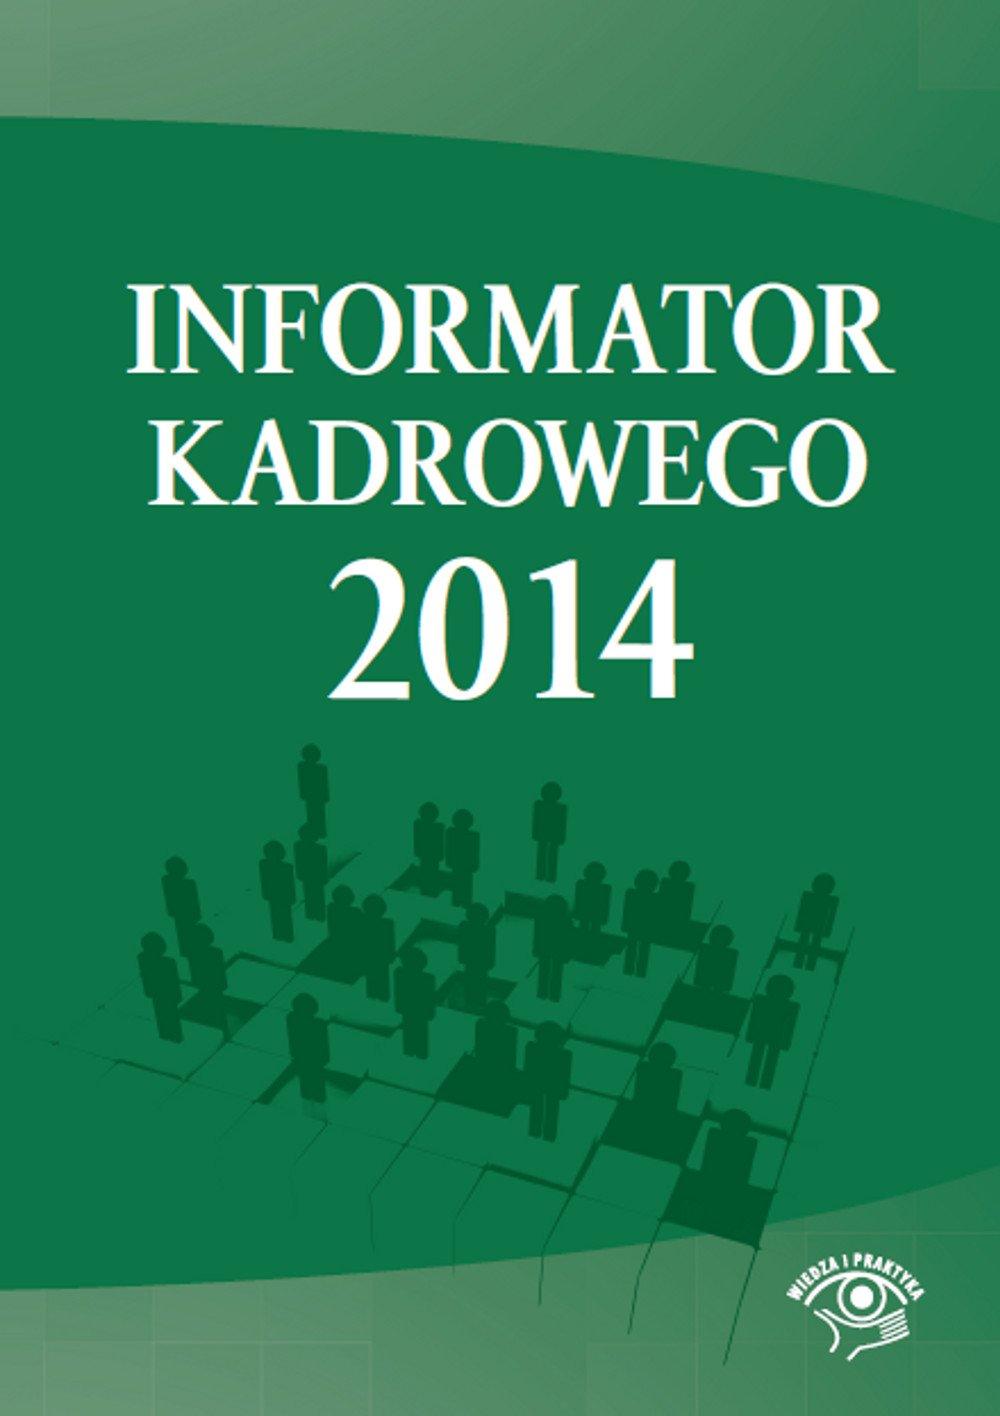 Informator kadrowego 2014 - Ebook (Książka EPUB) do pobrania w formacie EPUB